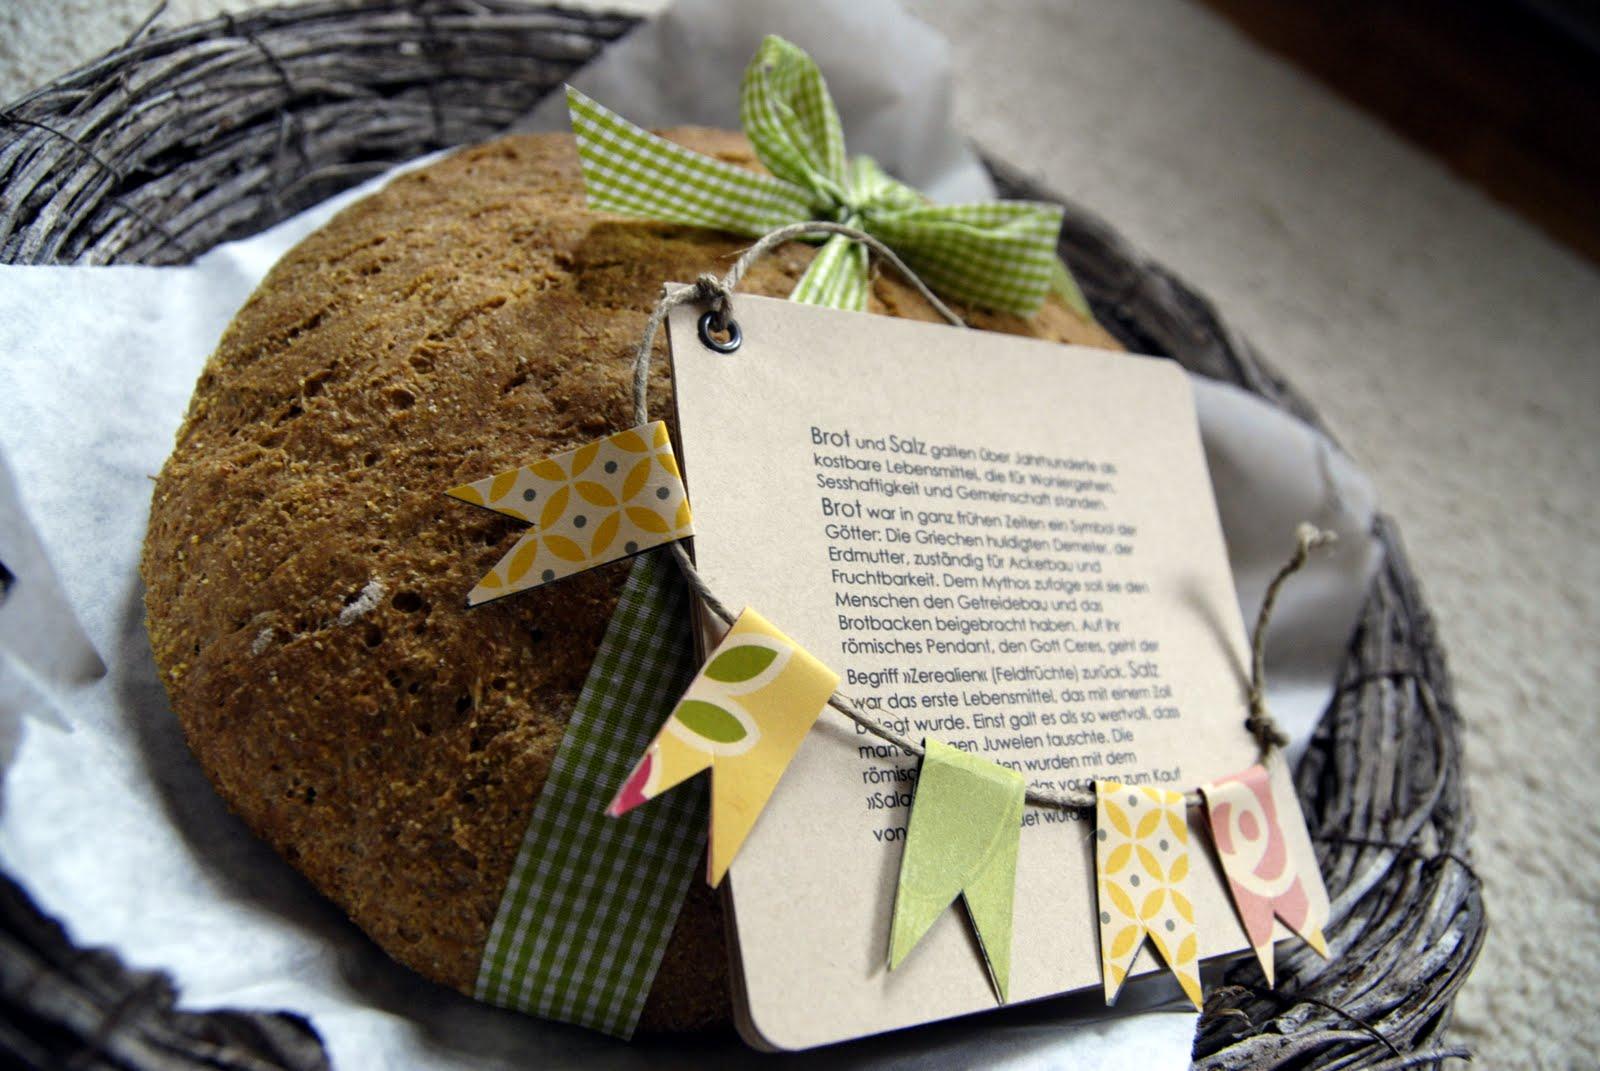 geschenk zum einzug naturdekoherz haus gemacht geschenk zum einzug diy geschenk zum einzug. Black Bedroom Furniture Sets. Home Design Ideas